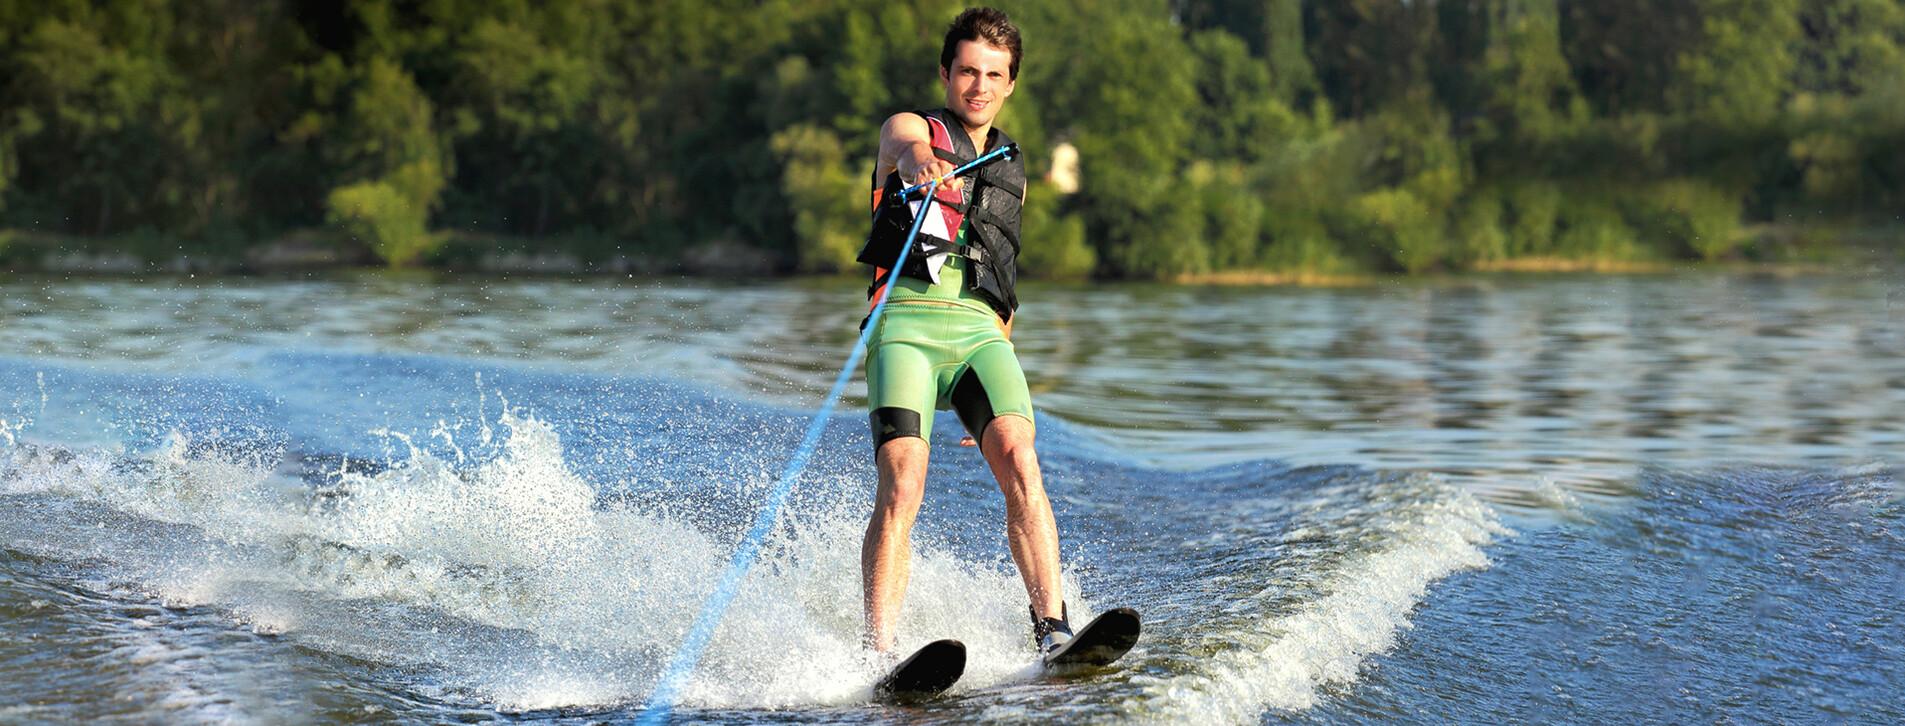 Фото 1 - Катание на водных лыжах для двоих